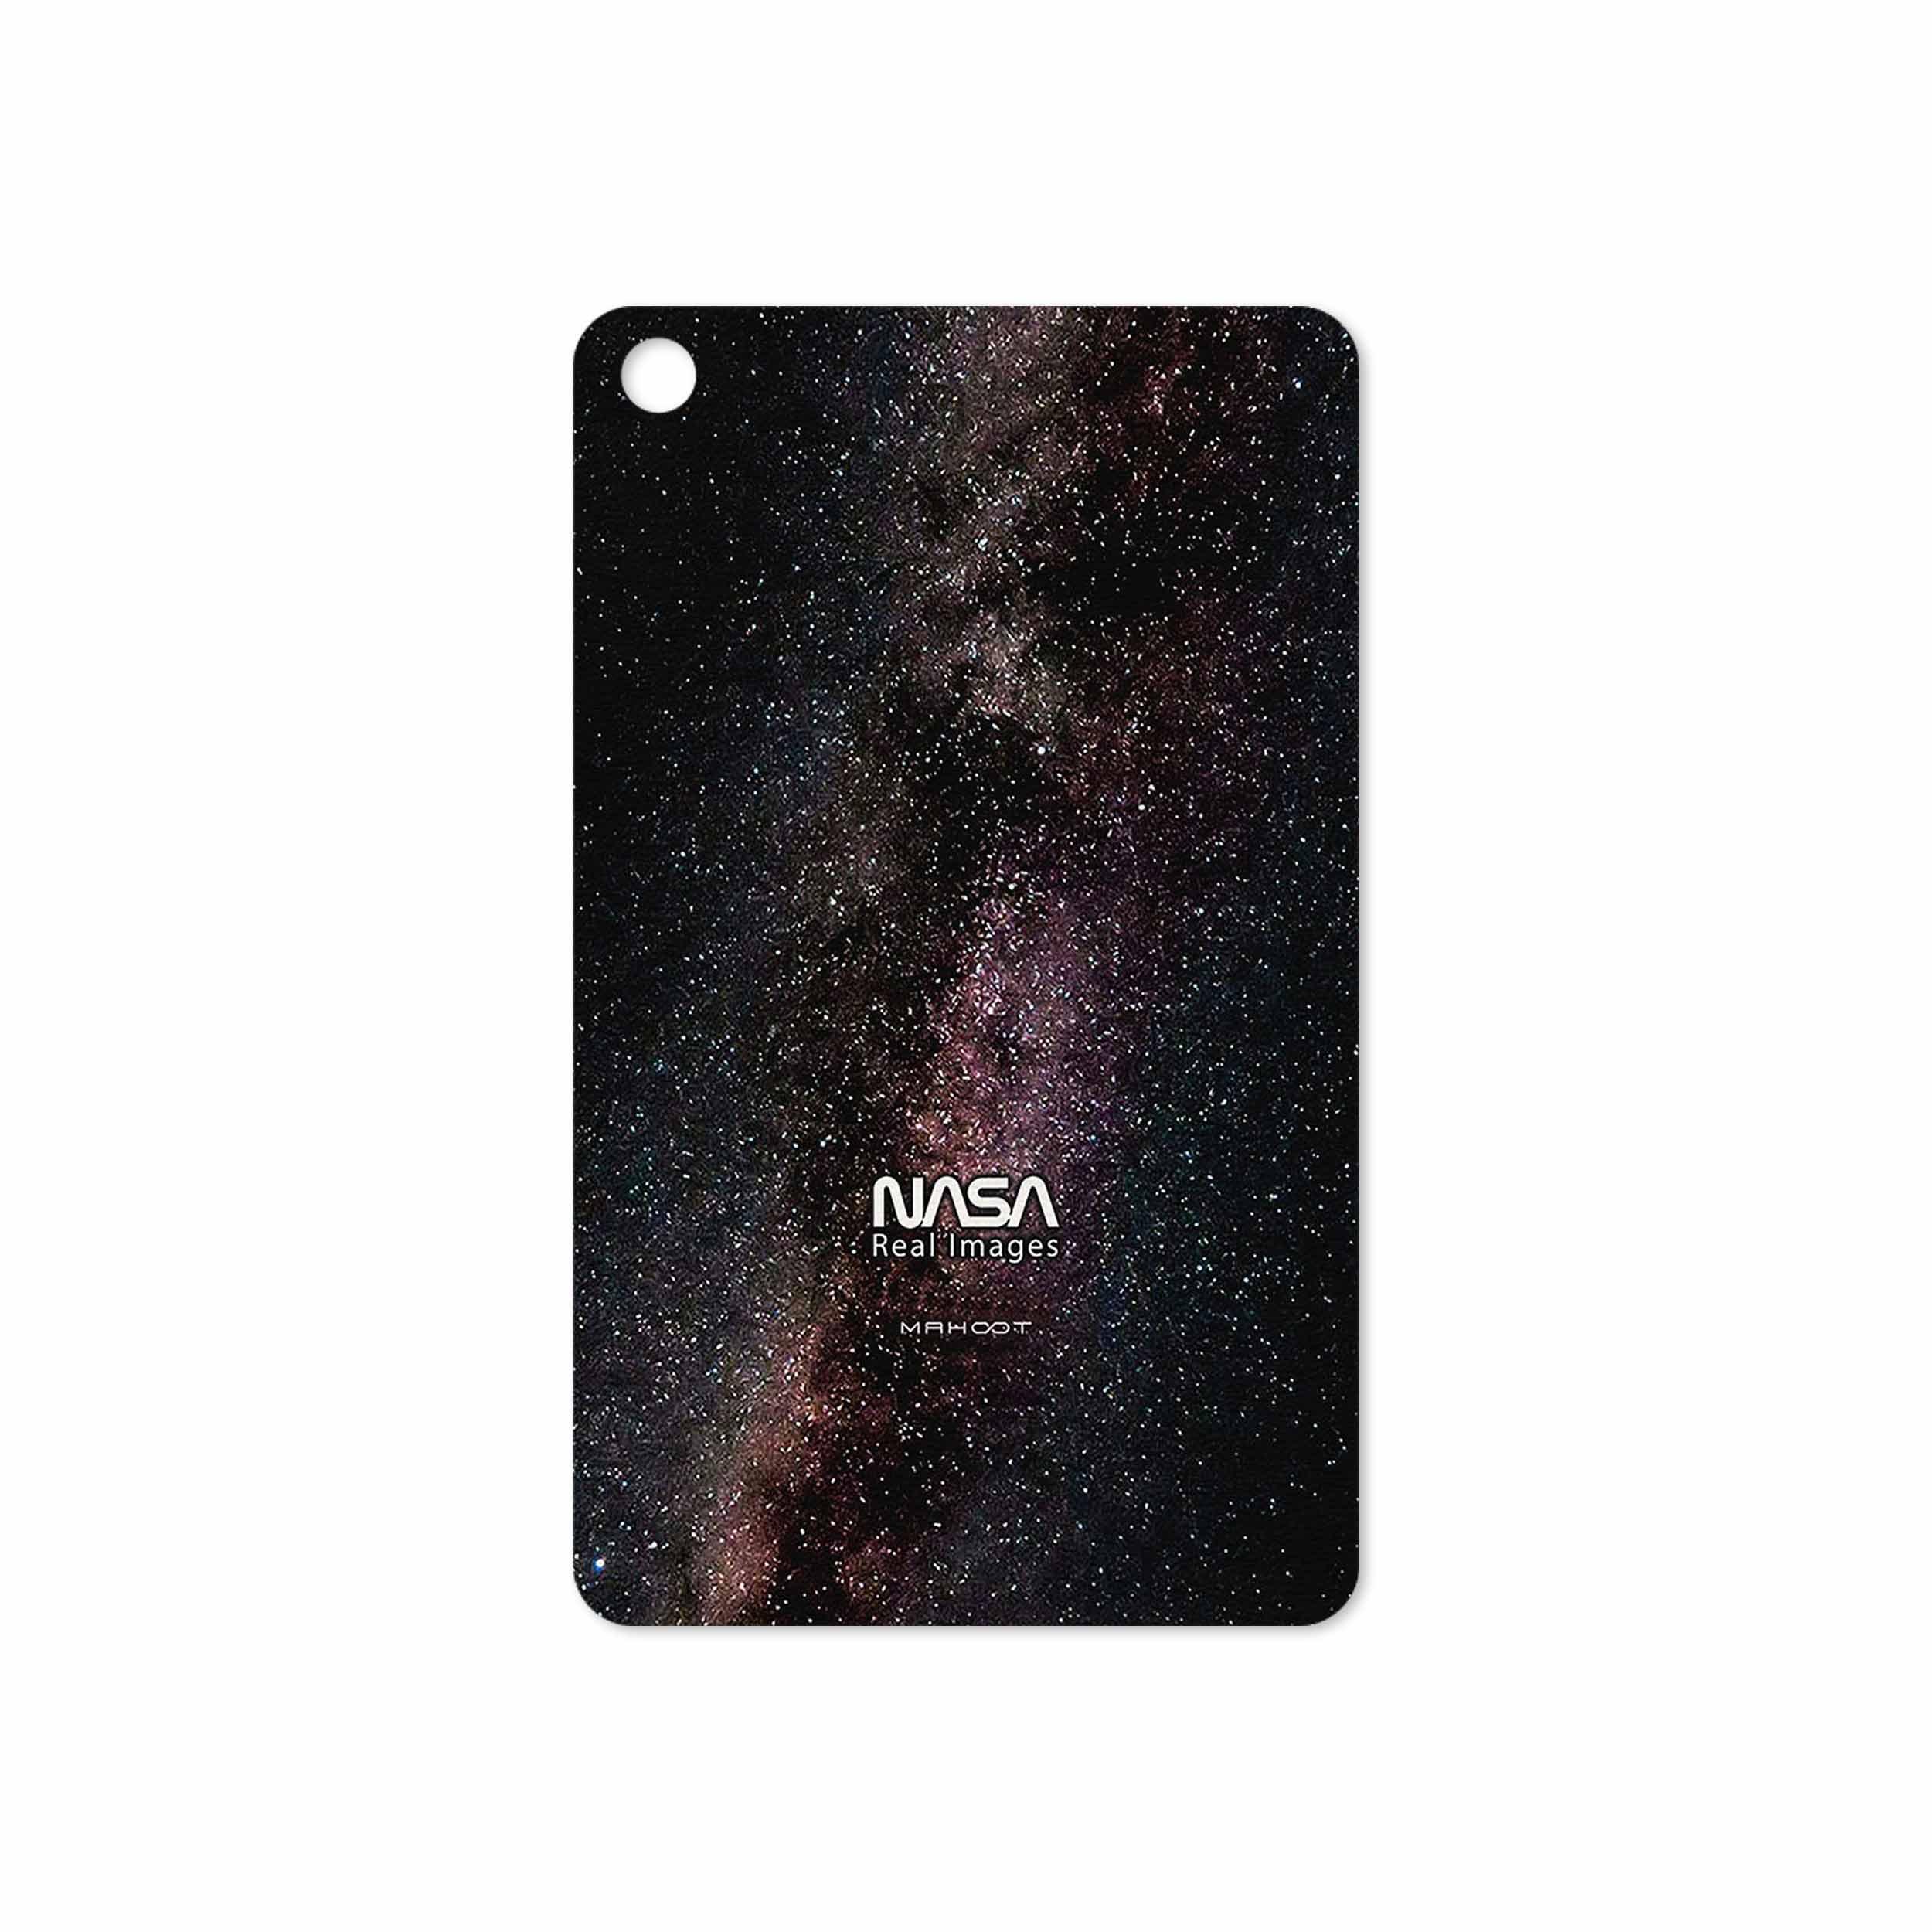 بررسی و خرید [با تخفیف]                                     برچسب پوششی ماهوت مدل Universe-by-NASA-2 مناسب برای تبلت شیائومی Mi Pad 4 2018                             اورجینال